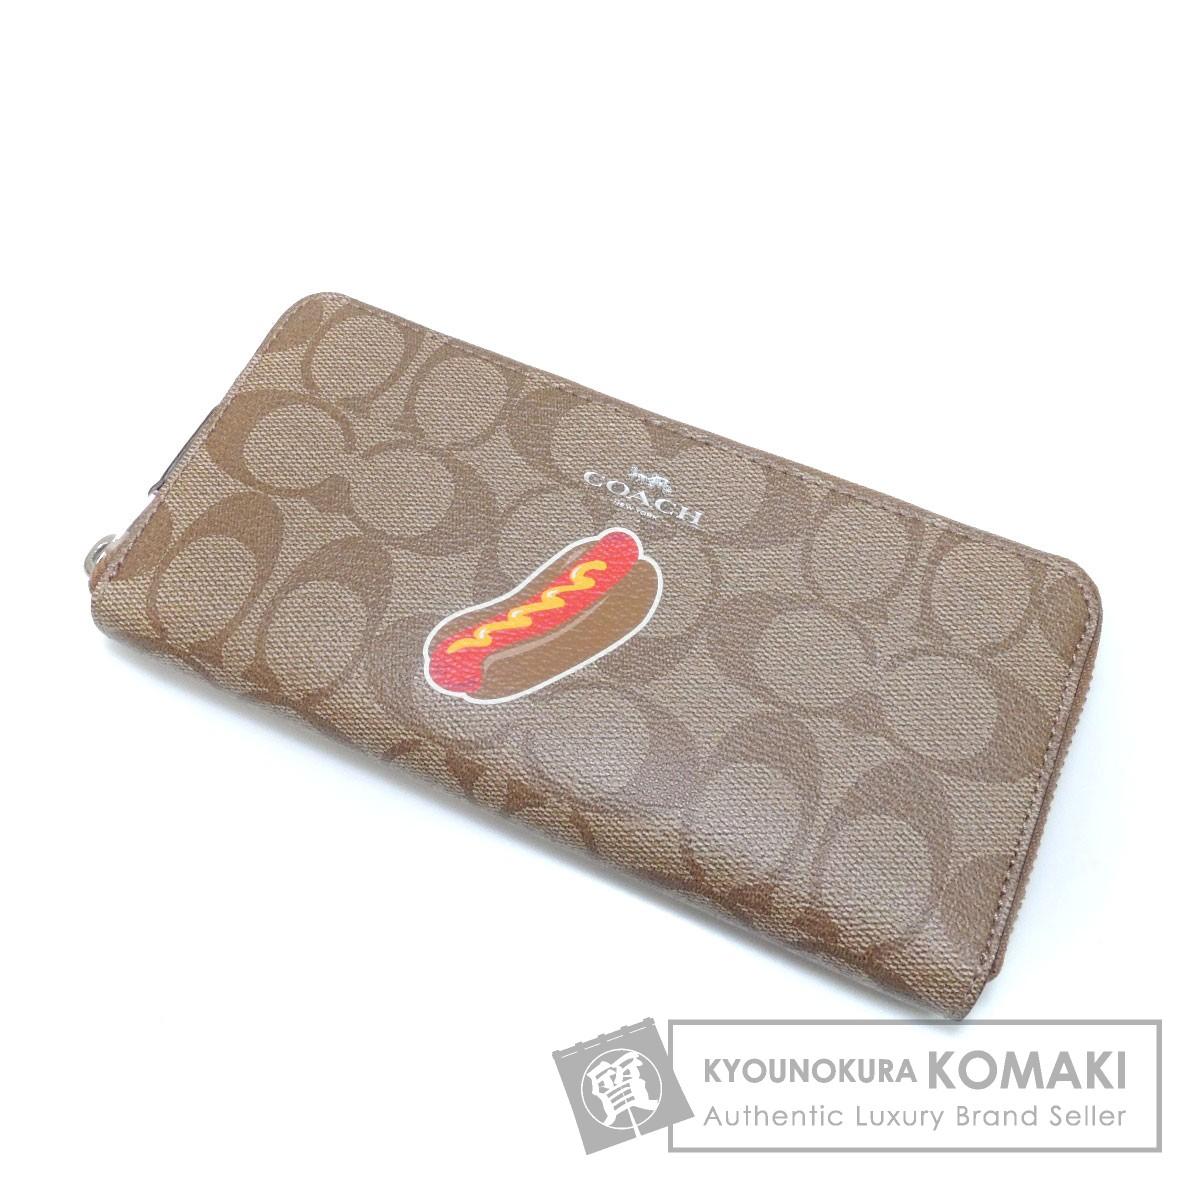 COACH F57823 シグネチャー 長財布(小銭入れあり) PVC レディース 【中古】【コーチ】